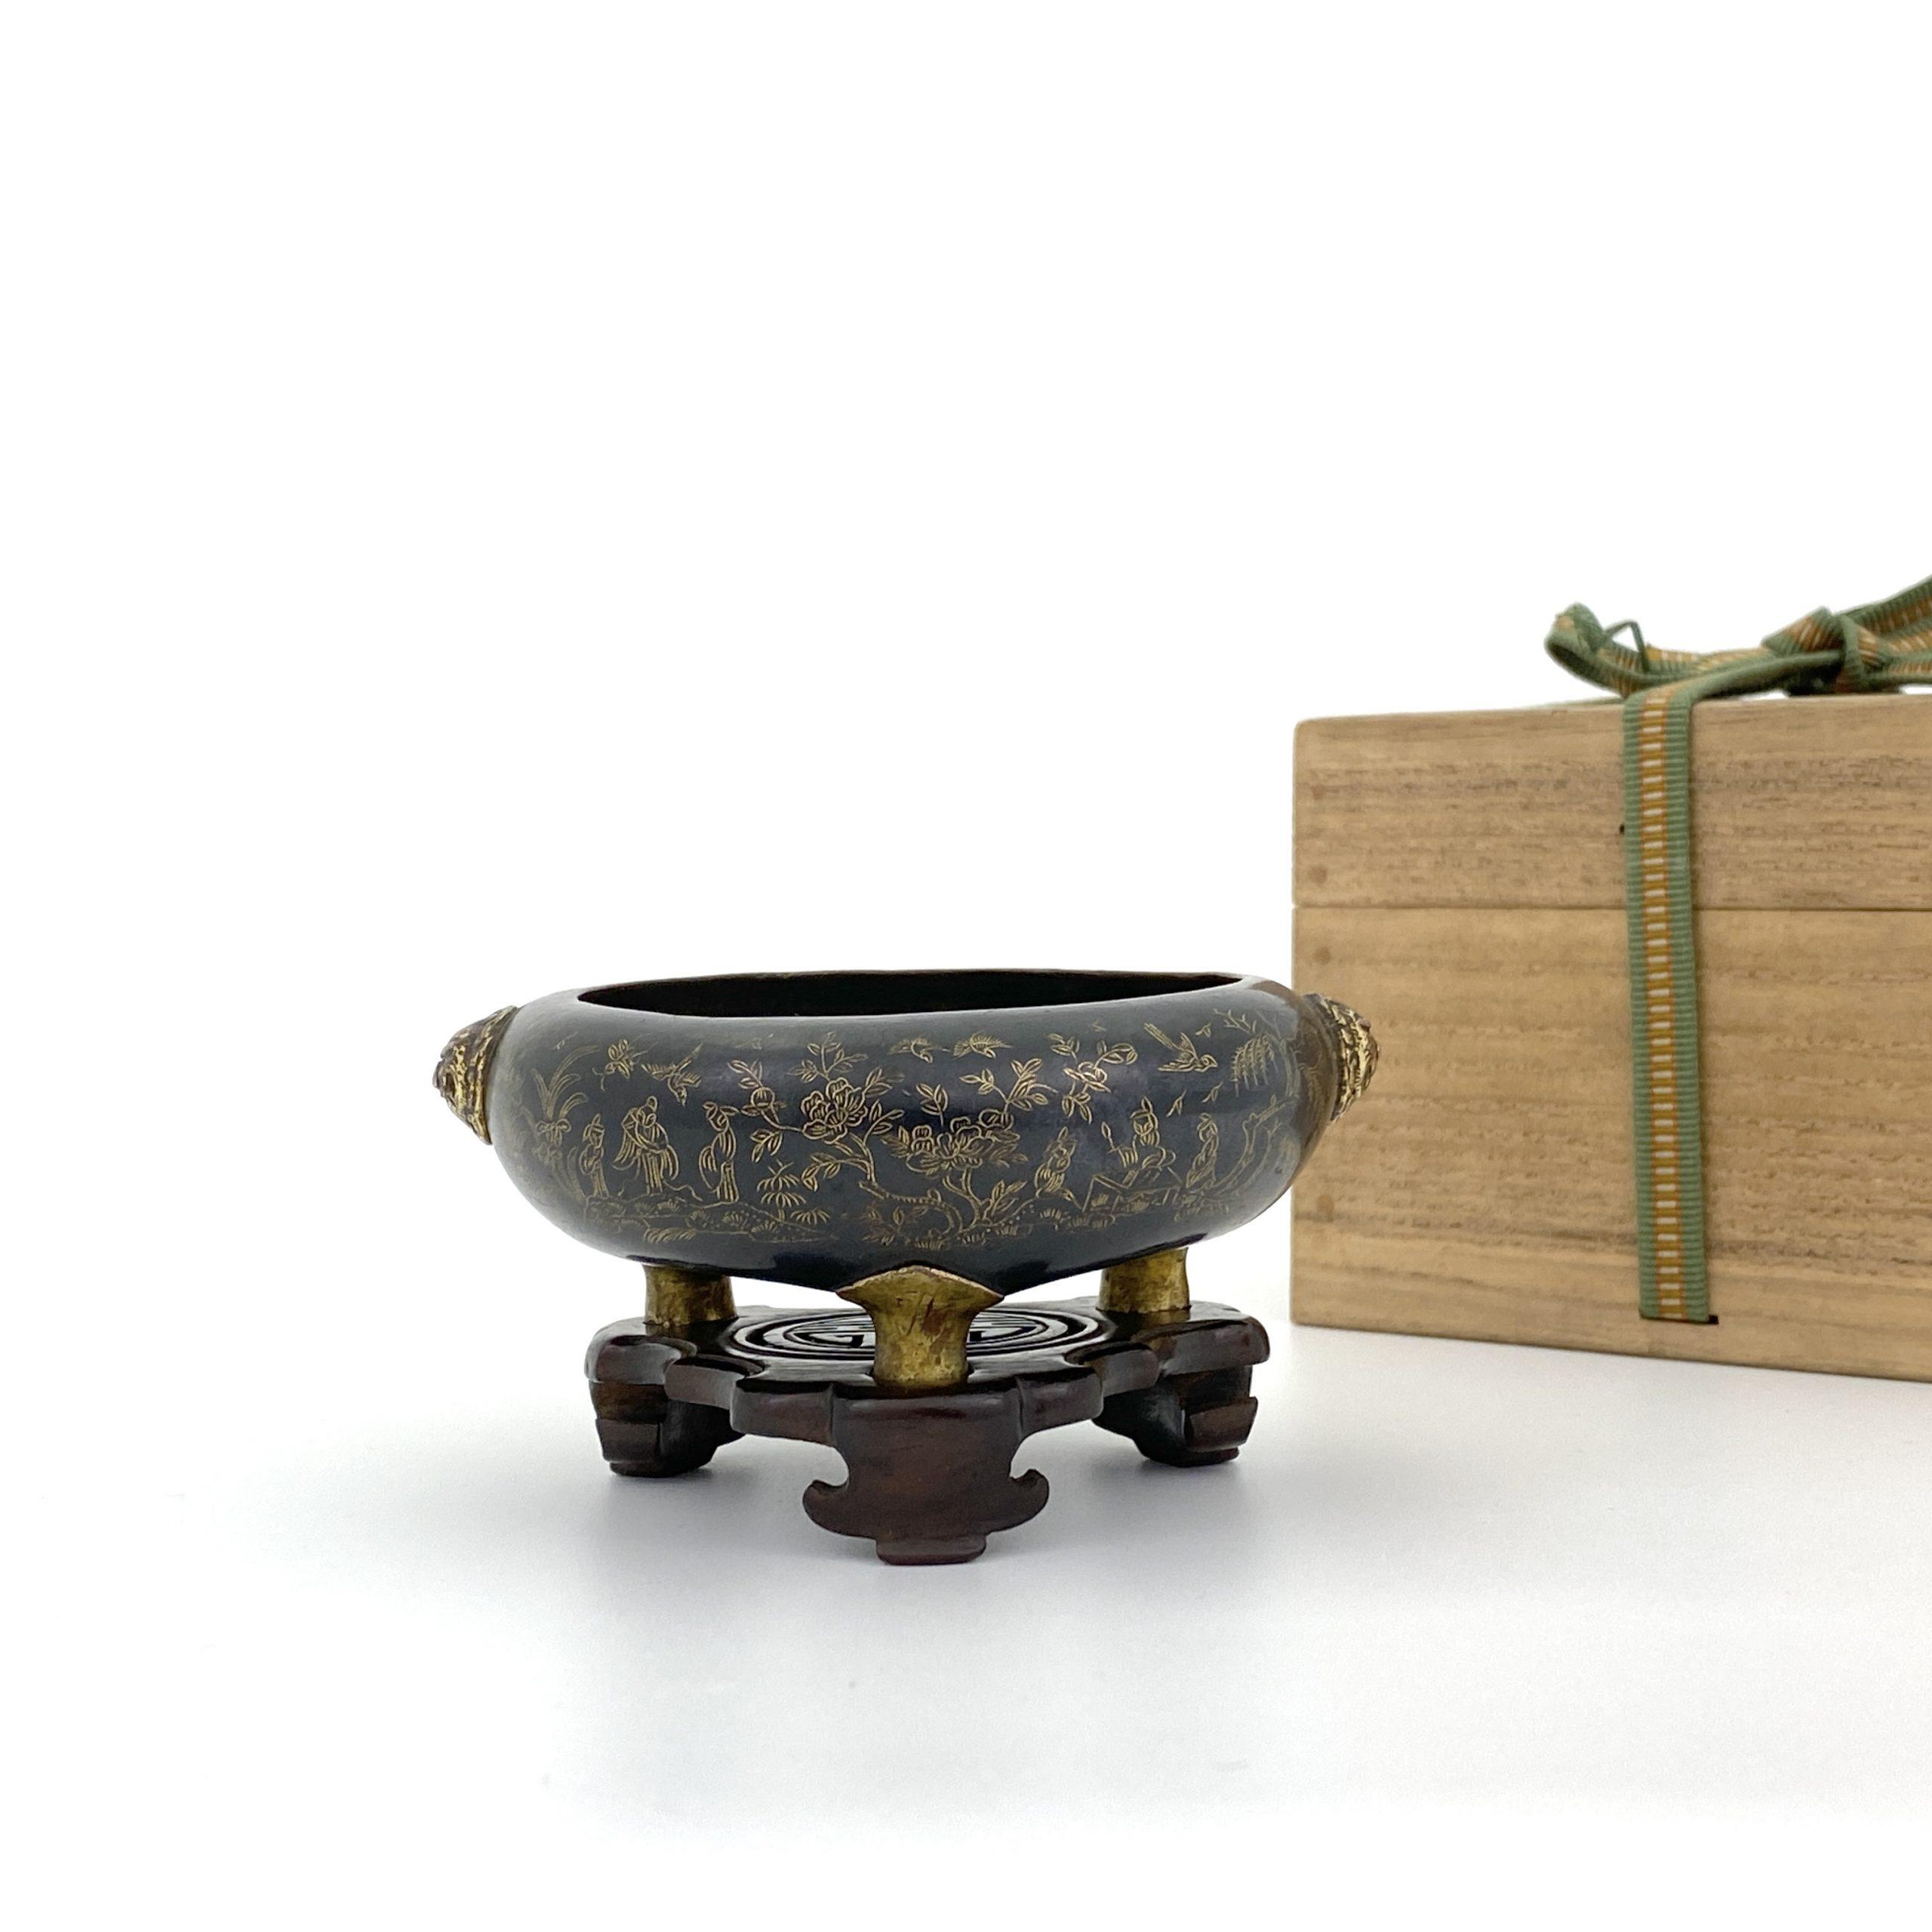 20008明晩期 銅局部鎏金 刻花鳥人物紋 獅子耳爐